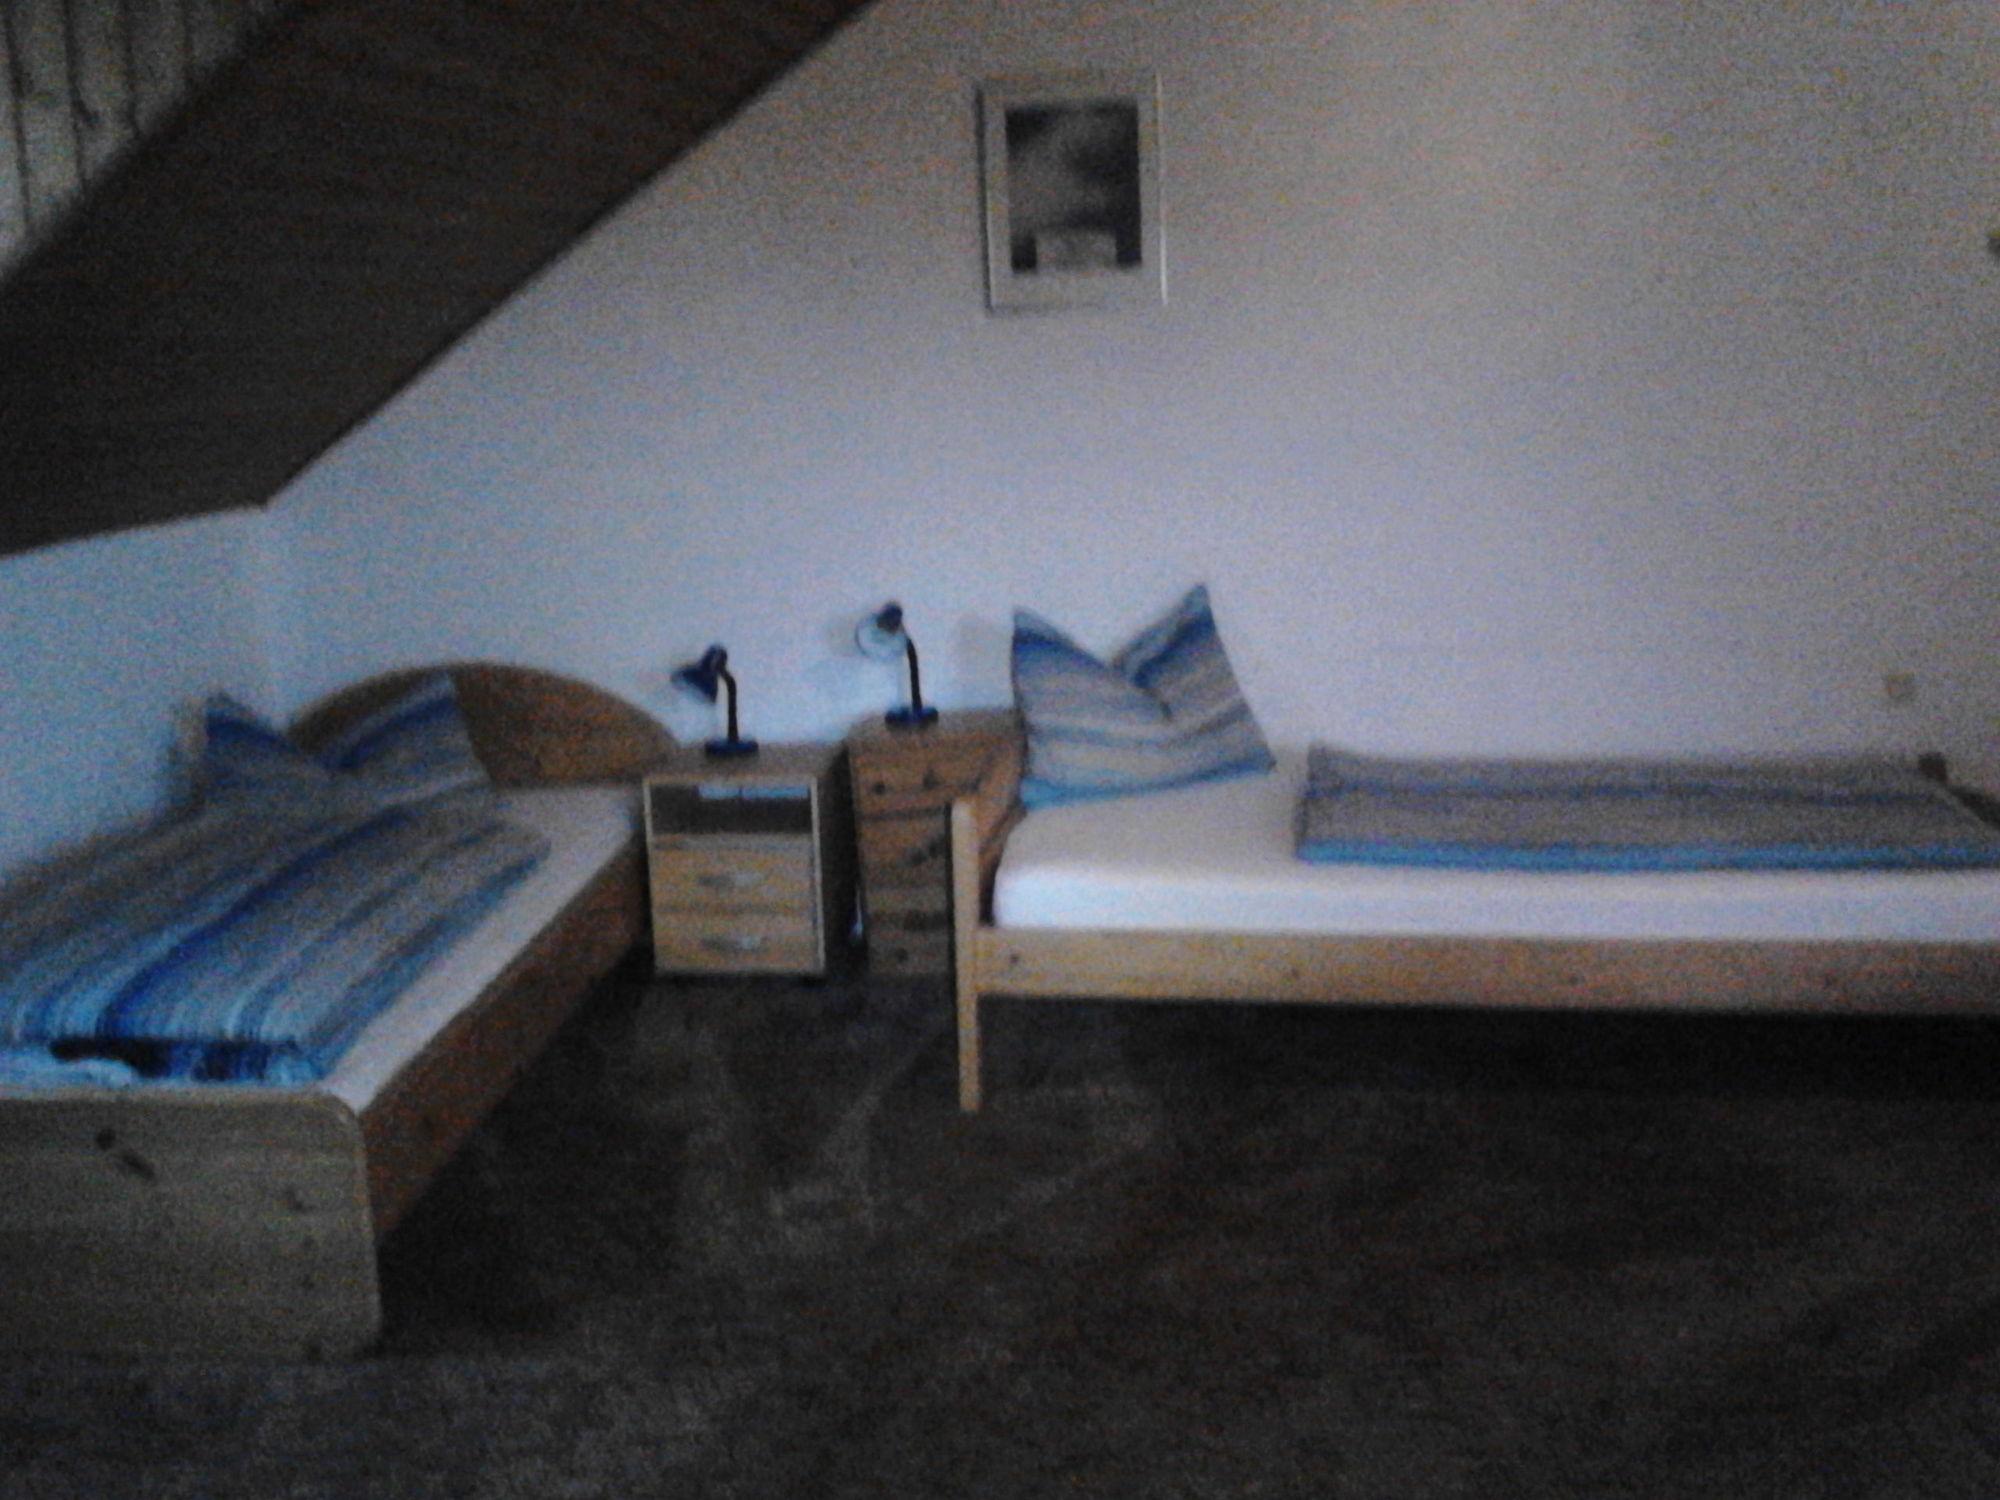 Monteurwohnung Straubing 2 Bis 12 Personen Grosse Gruppe Ein Haus